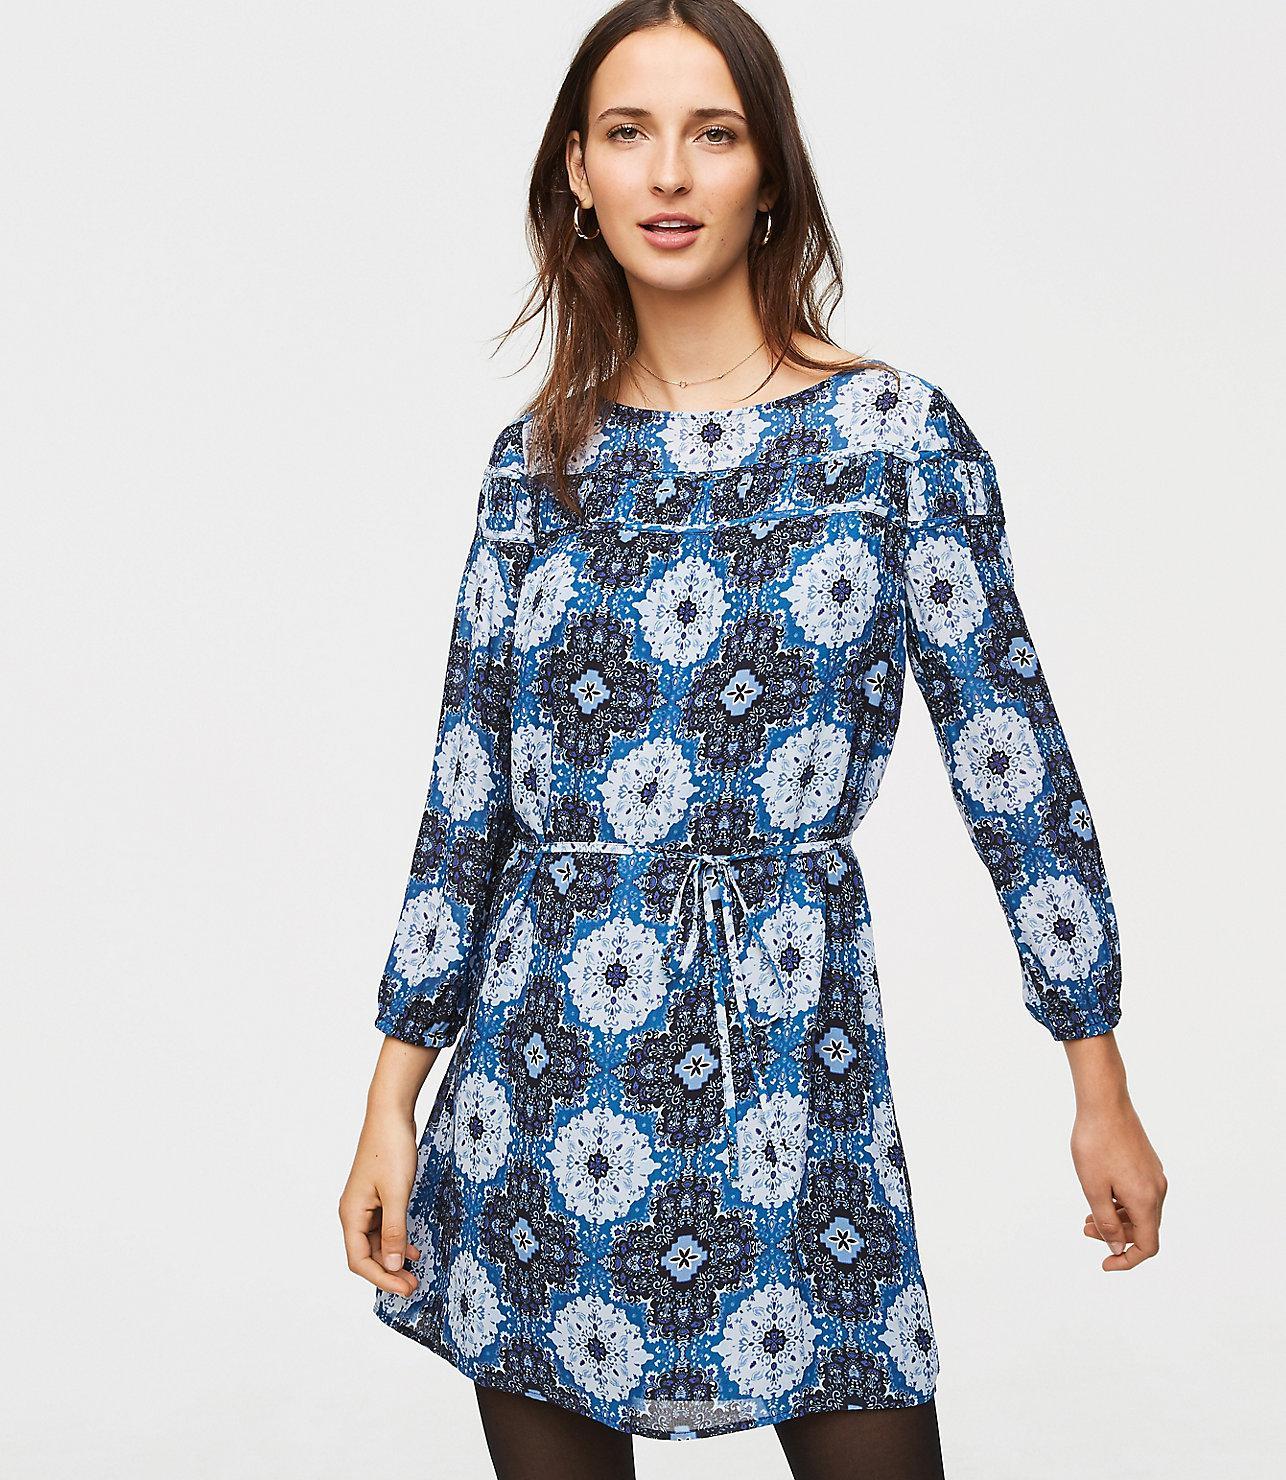 7e98f5b18c4 Lyst - LOFT Medallion Shirred Yoke Dress in Blue